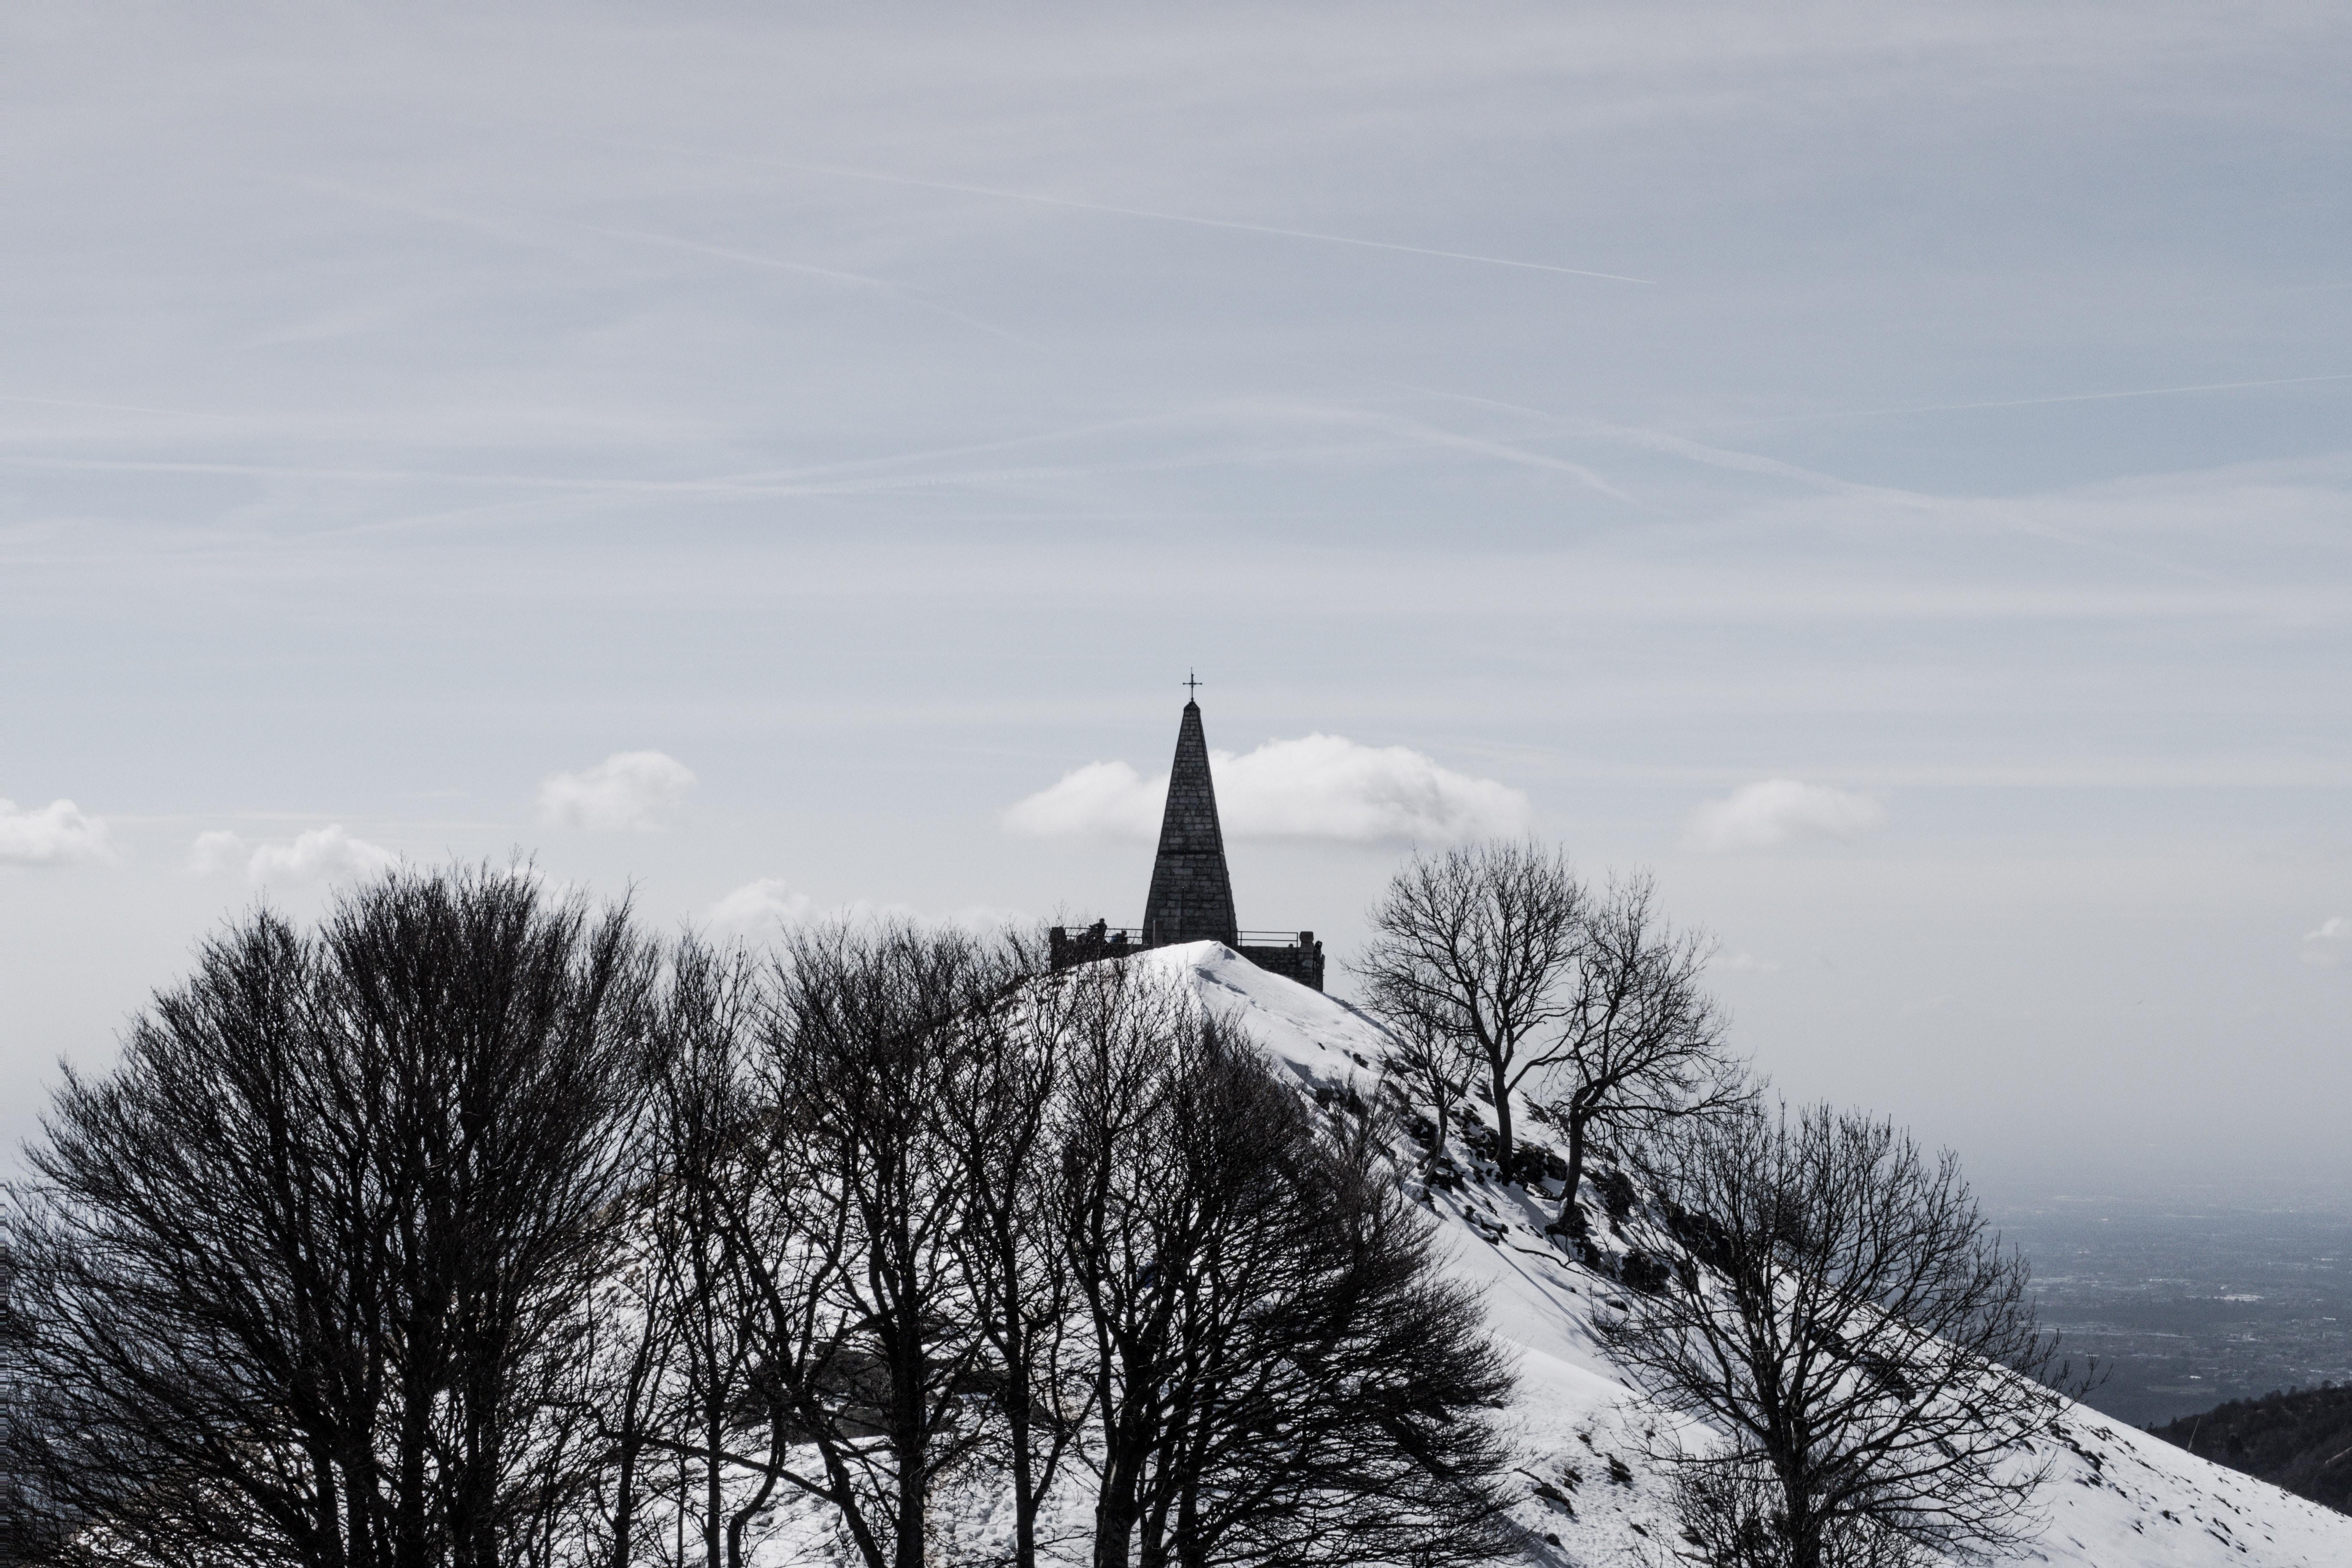 trees on snow mountain